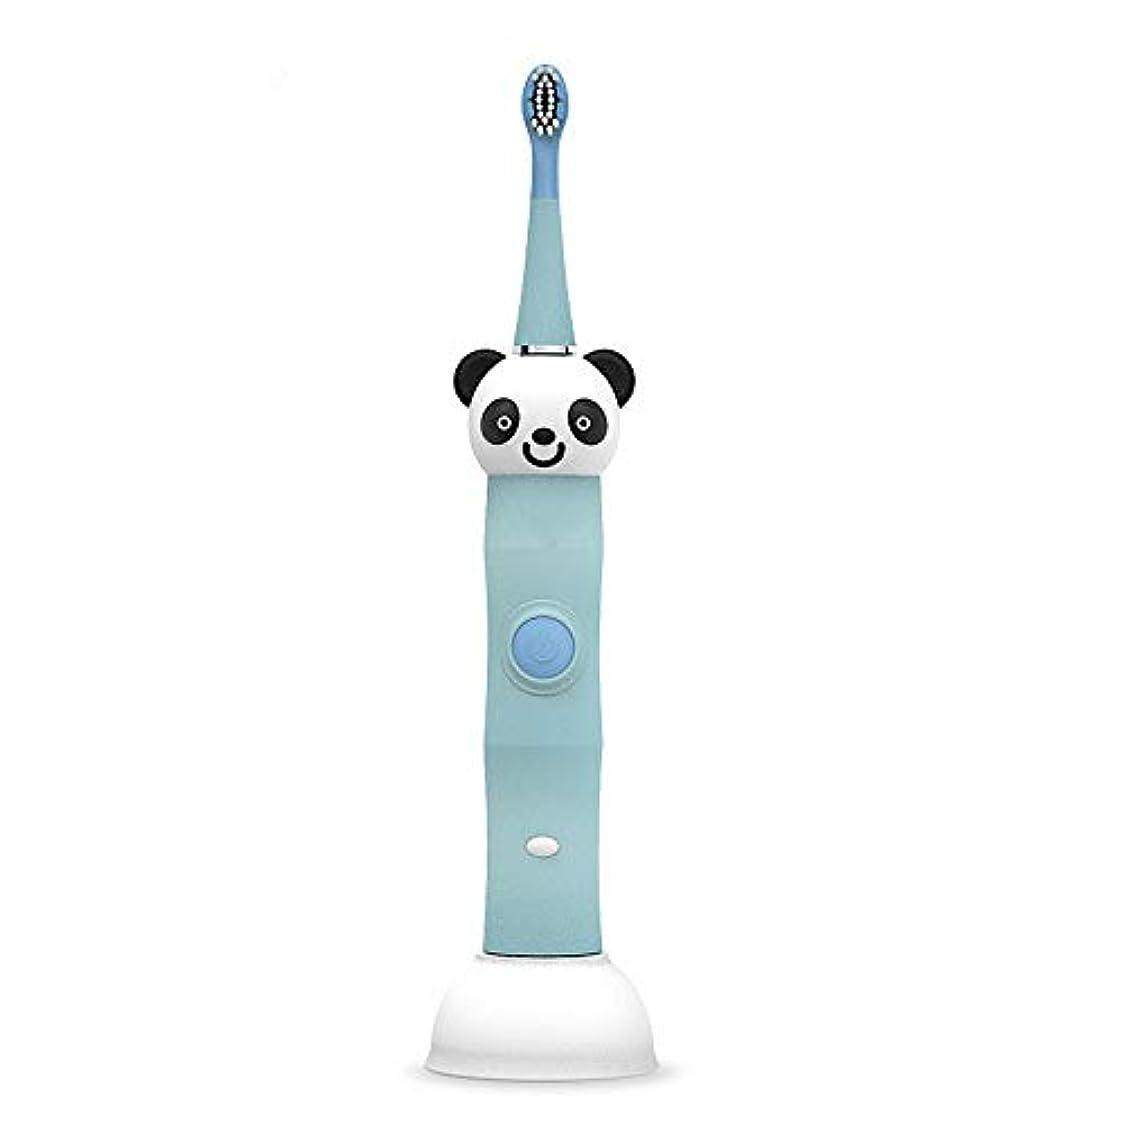 独立して愛情深い彼の電動歯ブラシ 毎日の使用のためのUSBの充満基盤の柔らかい毛のきれいな歯ブラシと防水子供の電動歯ブラシ 大人と子供向け (色 : 青, サイズ : Free size)